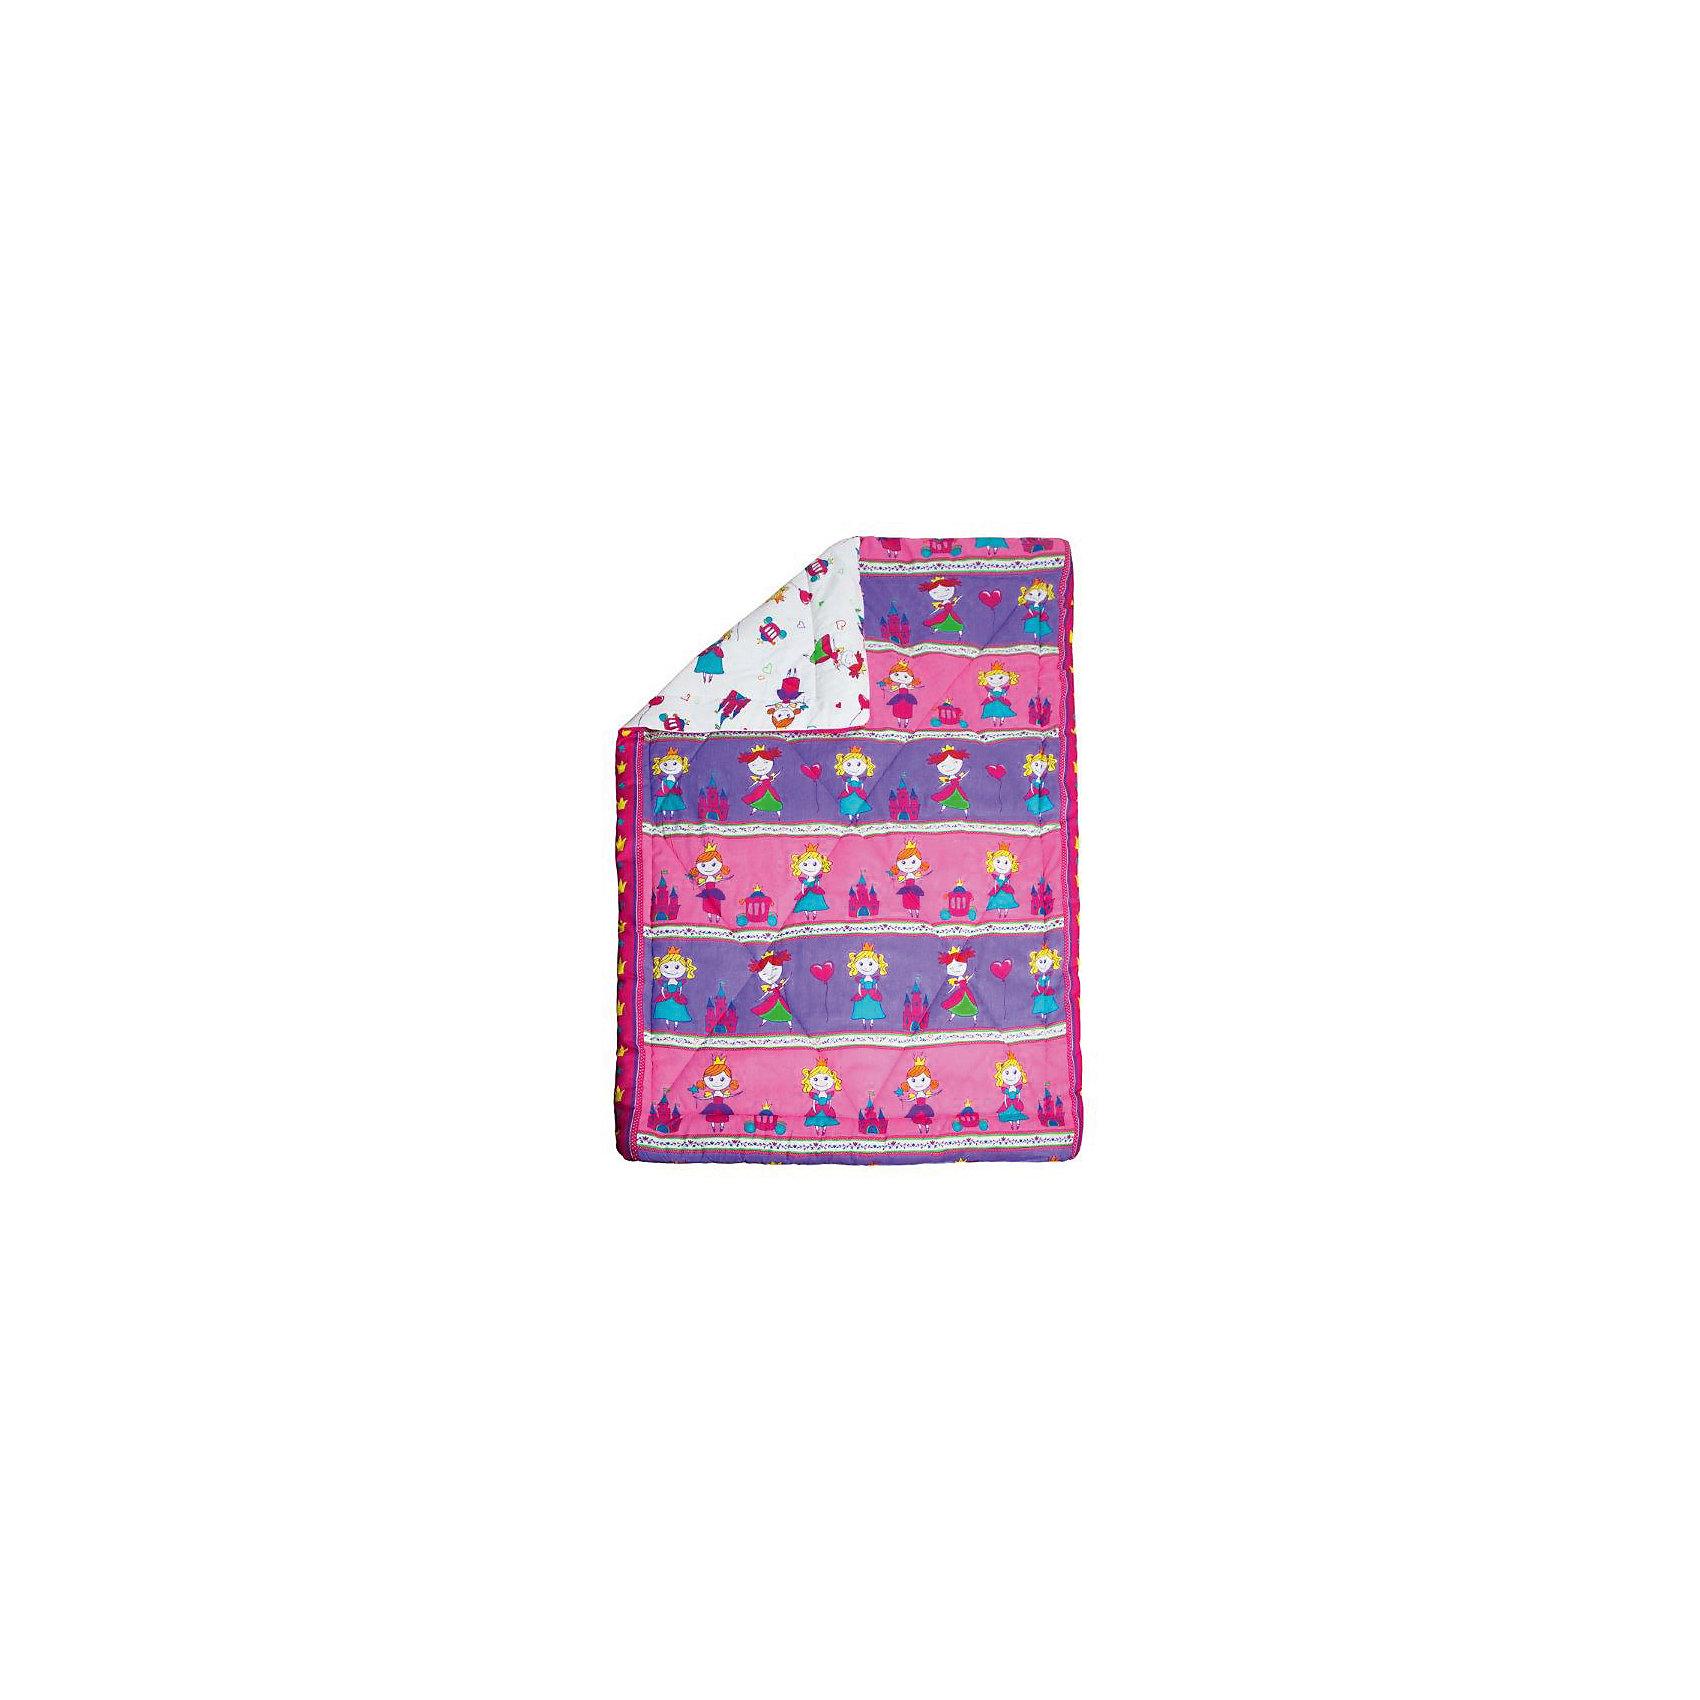 Одеяло 140*205 Принцессы, 200 гр. зима, Mona Liza KidsХарактеристики:<br><br>• Вид домашнего текстиля: одеяло<br>• Пол: для девочки<br>• Серия: Mona Liza Kids<br>• Сезон: зима<br>• Материал чехла: бязь <br>• Наполнитель: 100% полиэстер (силиконизированное полотно), 200 г/м2<br>• Цвет: розовый<br>• Размеры (Д*Ш): 140*205 см <br>• Тип упаковки: полиэтиленовая сумка с ручками<br>• Вес в упаковке: 1 кг 450 г<br>• Особенности ухода: машинная стирка при температуре 30 градусов<br><br>Одеяло 140*205 Принцессы 200 гр. зима, Mona Liza Kids изготовлено под отечественным торговым брендом, выпускающим постельные принадлежности из натуральных тканей. Одеяло выполнено из 100 % бязи, отличающейся высокими характеристиками не только прочности самого полотна, но и устойчивости окраски, которая выполняется по особой технологии. В качестве наполнителя использовано силиконизированное волокно, которое полностью гипоаллергенно, длительное время хорошо держит форму. Плотность наполнителя одеяла составляет 200 г/м2, что делает его особенно теплым, но при этом легким по весу. <br>Одеяло 140*205 Принцессы 200 гр. зима, Mona Liza Kids – домашний текстиль, соответствующий международным стандартам качества и безопасности!<br><br>Одеяло 140*205 Принцессы 200 гр. зима, Mona Liza Kids можно купить в нашем интернет-магазине.<br><br>Ширина мм: 460<br>Глубина мм: 160<br>Высота мм: 500<br>Вес г: 1450<br>Возраст от месяцев: 84<br>Возраст до месяцев: 216<br>Пол: Женский<br>Возраст: Детский<br>SKU: 5165644